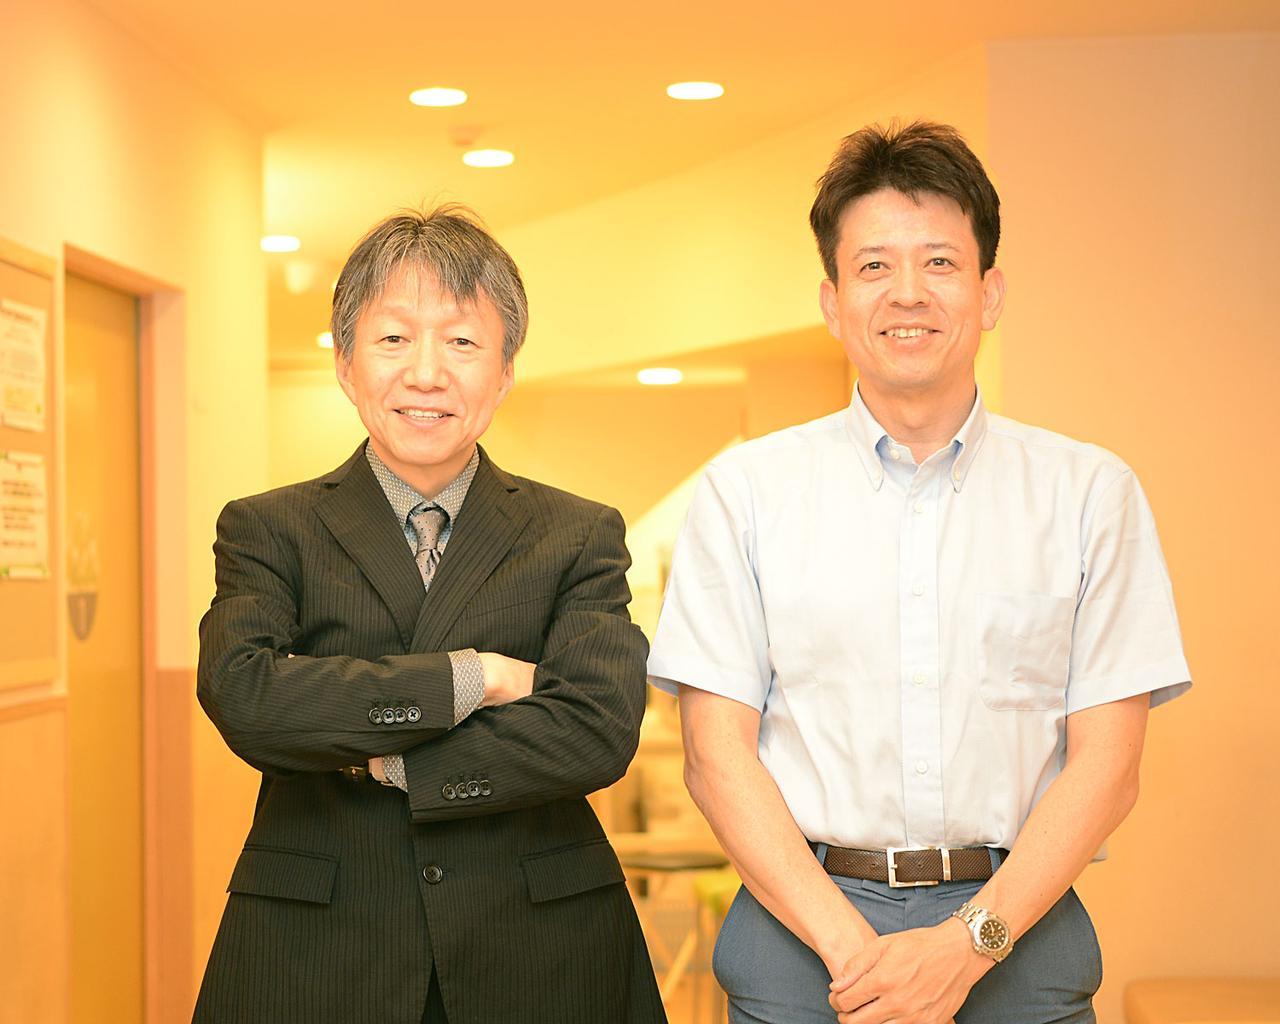 画像: 野間口 聡 | Satoshi NOMAGUCHI(左) 田中 勝巳 | Katsumi TANAKA(右) www.yoga-urban.jp